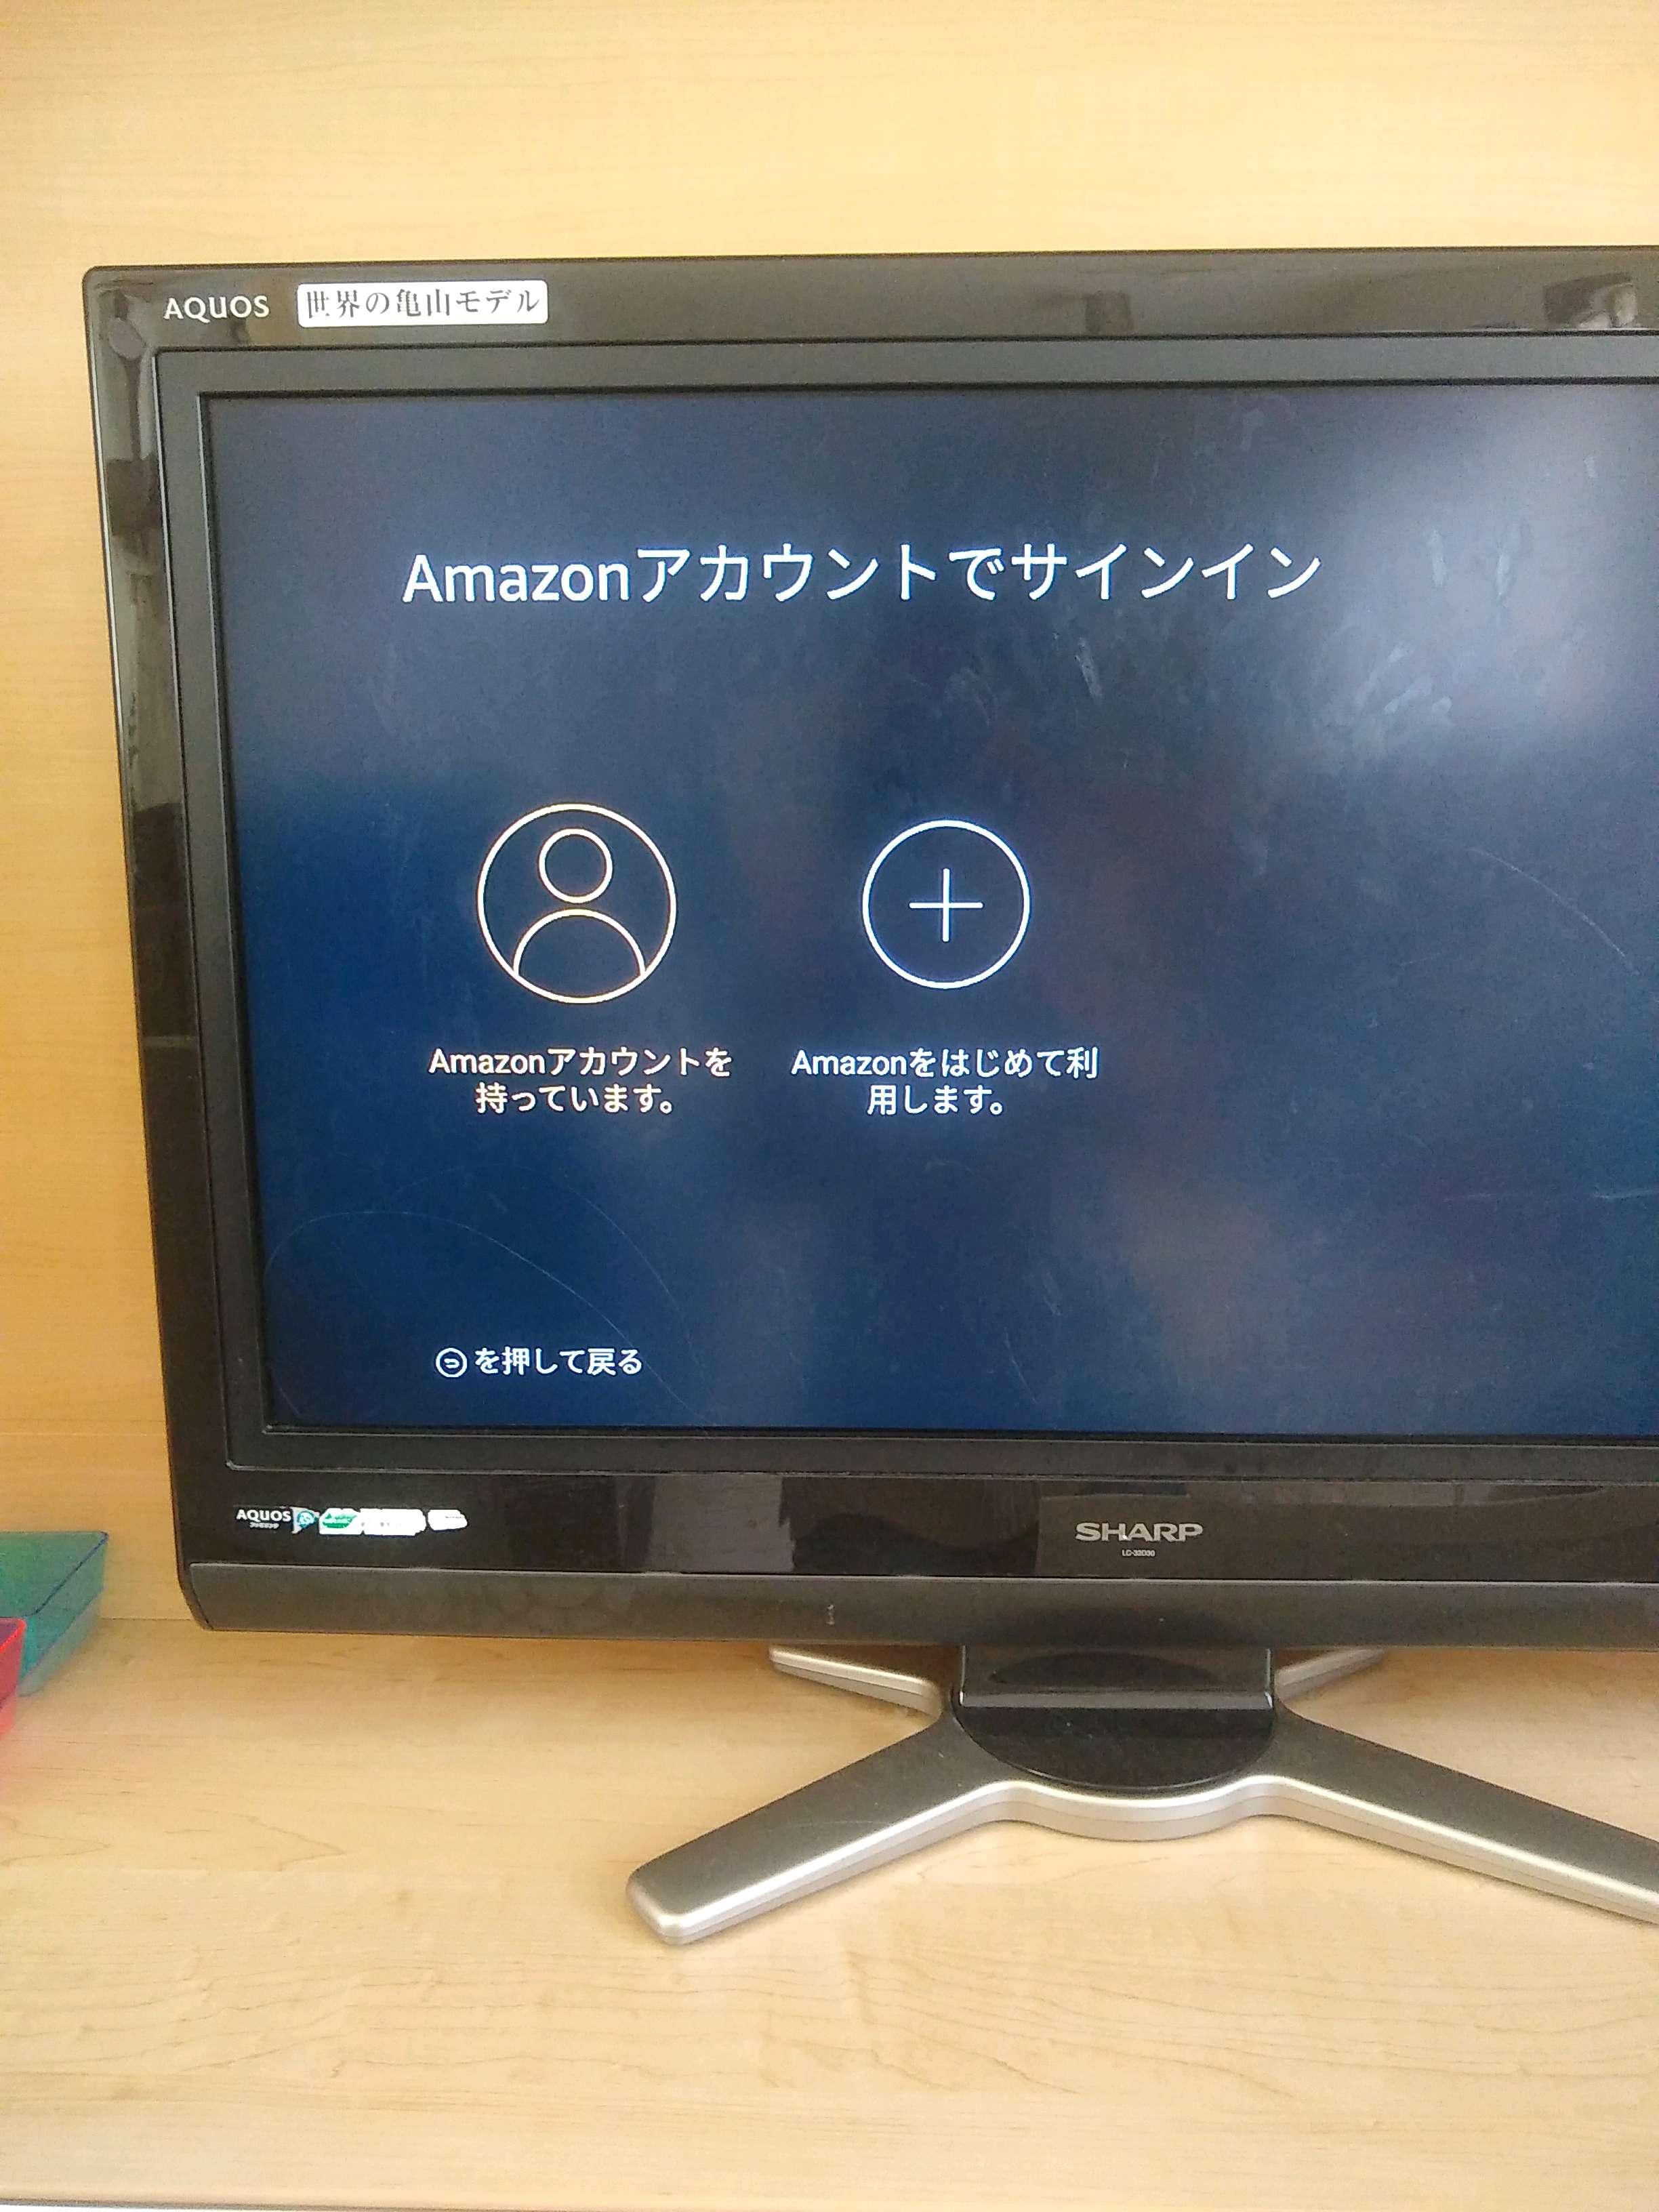 11.Fire TV Stick_ネットワーク接続後アマゾンアカウントサインイン